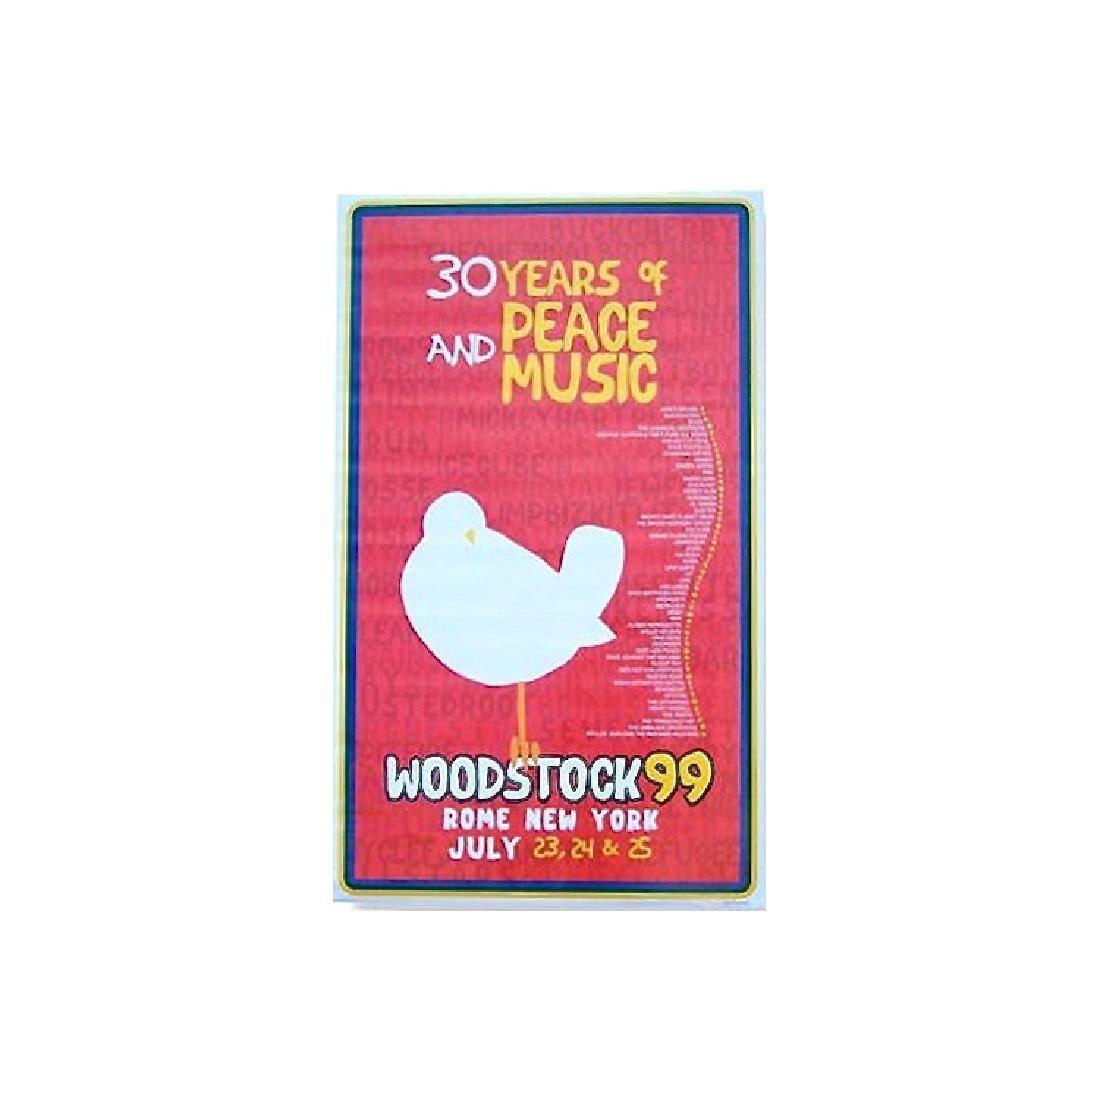 Woodstock Music Festival - 1999 Concert Poster